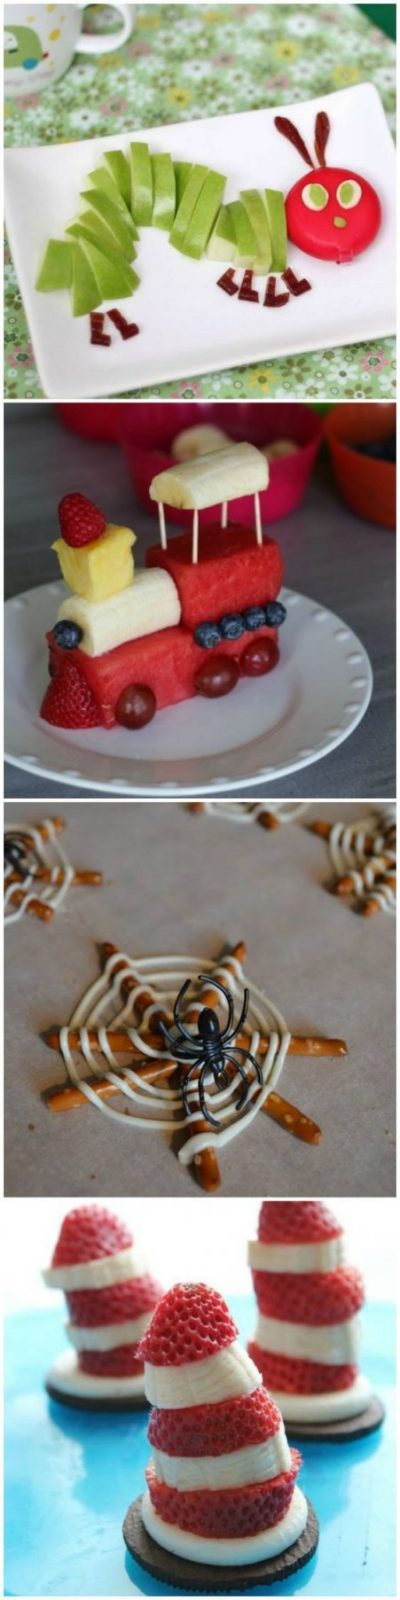 Essen Anrichten Dekorieren Deko Zug Aus Obst Spinnennetz Spinne von Obst Deko Für Kindergeburtstag Bild